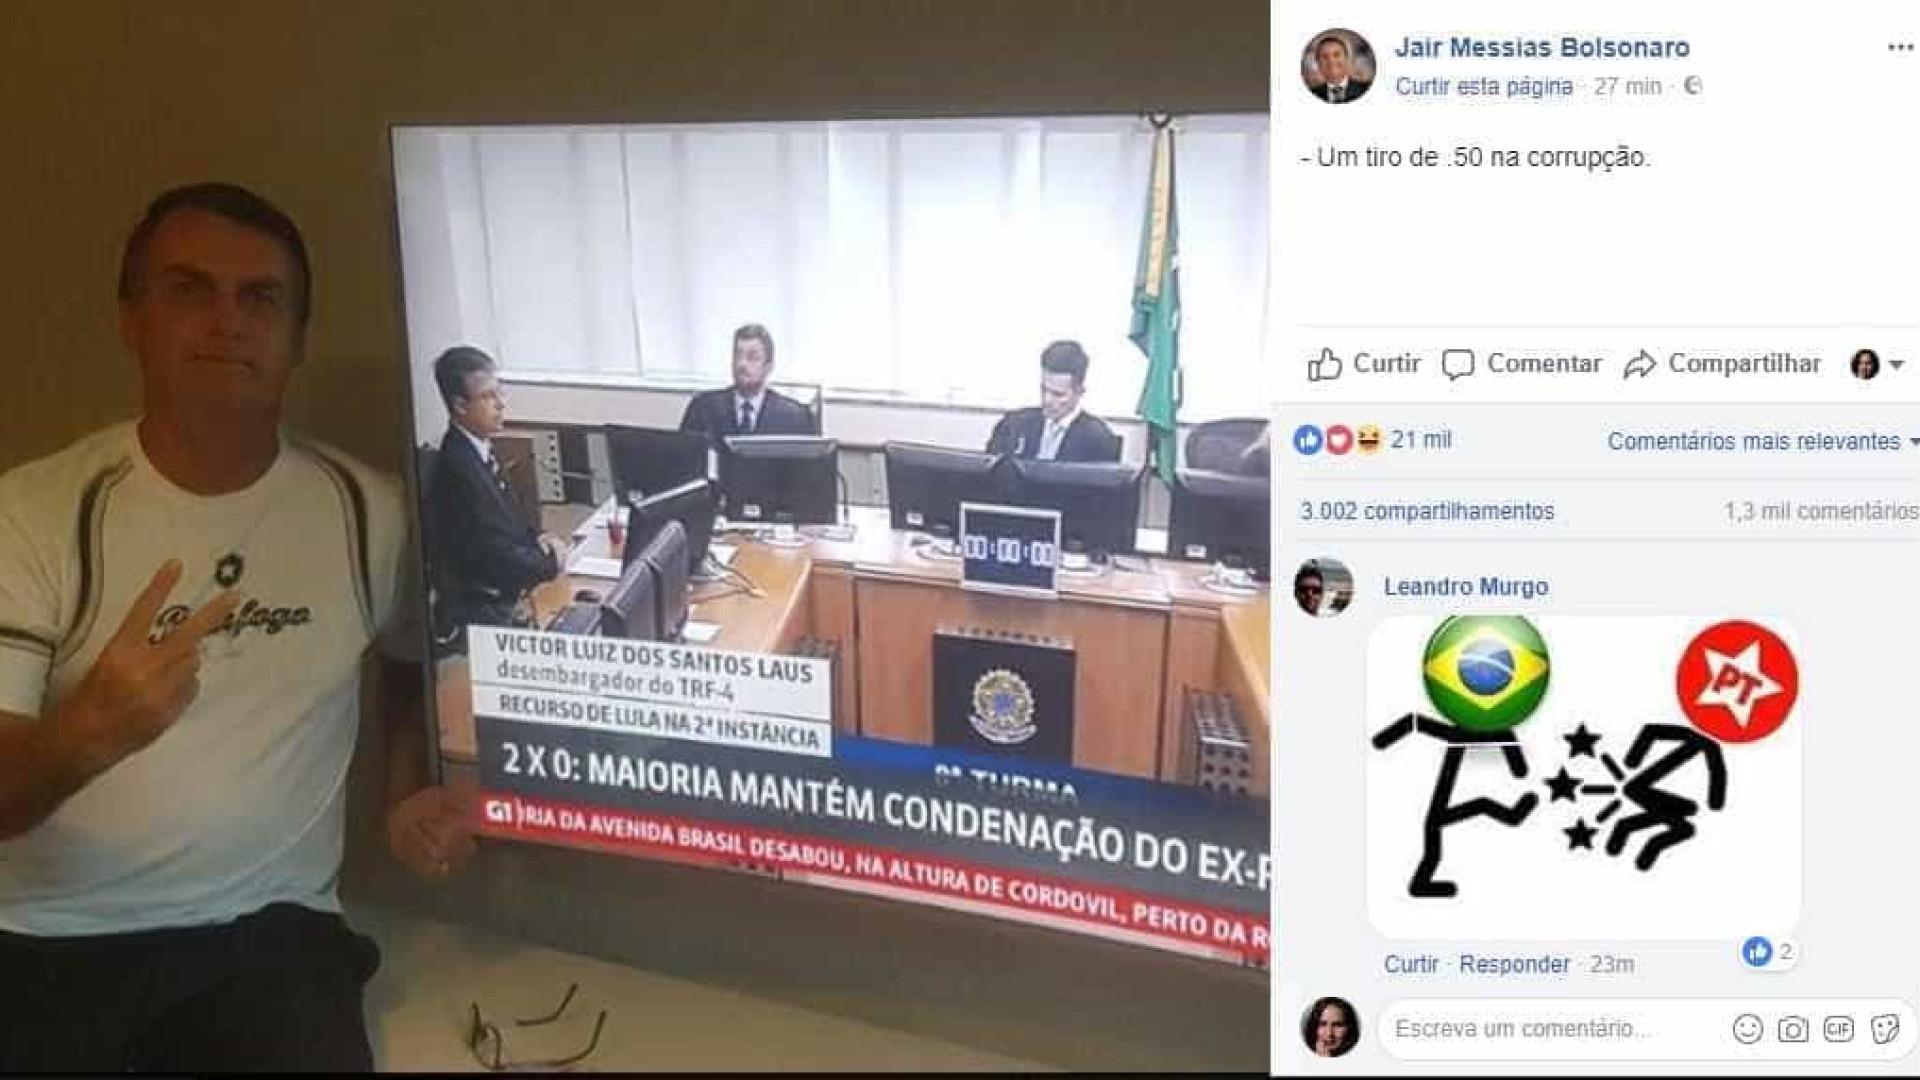 Bolsonaro comemora condenação de Lula: 'Um tiro .50 na corrupção'